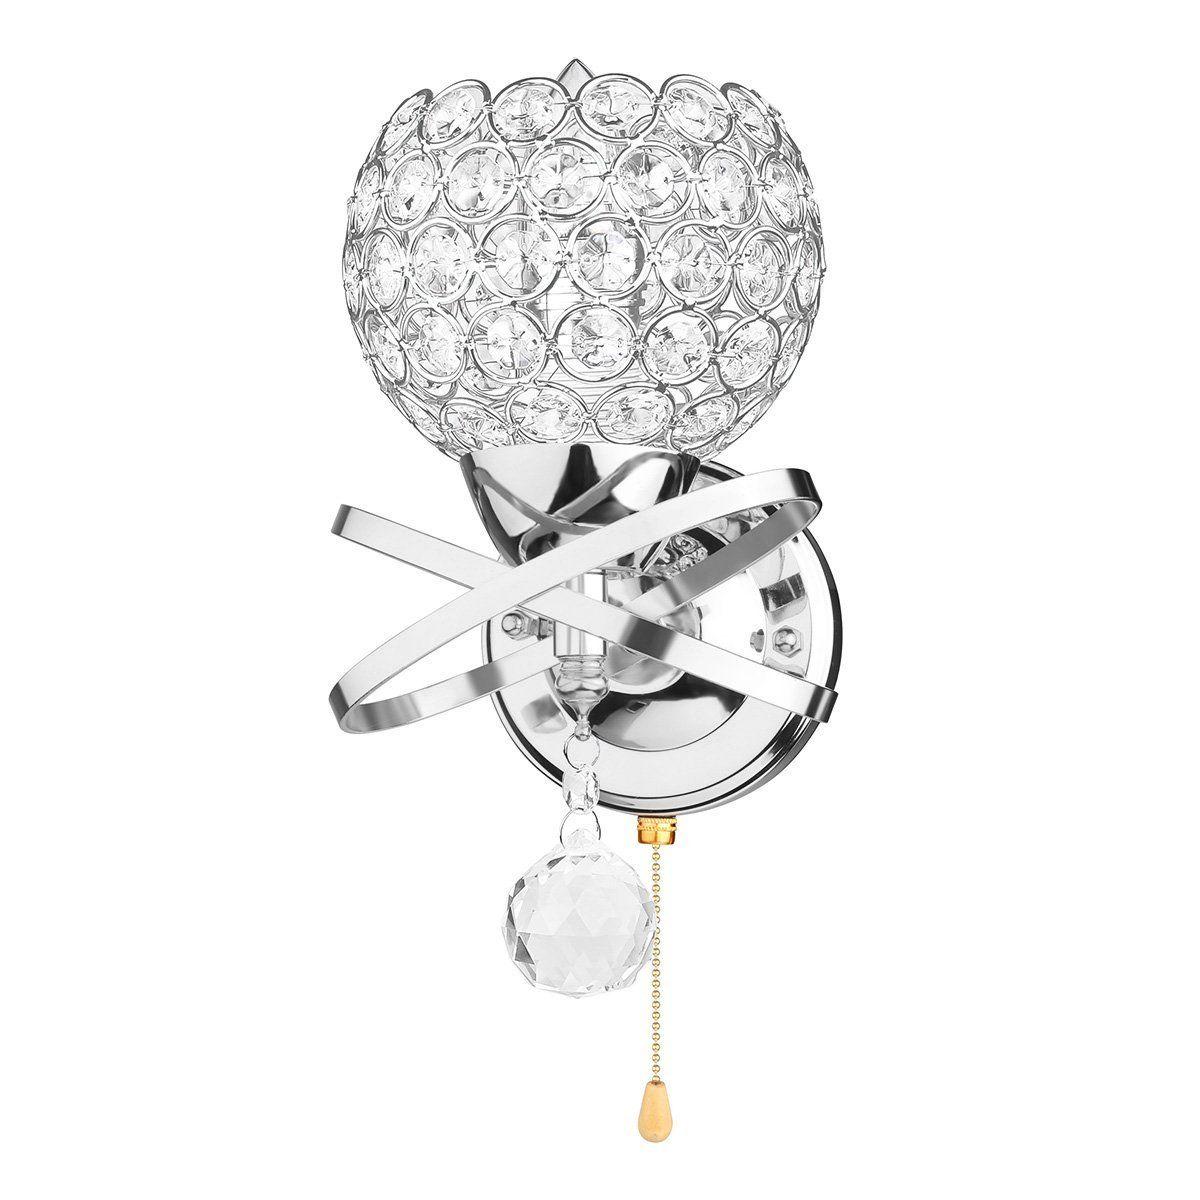 Classic Vintage cristallo applique da parete del lato del letto d'argento / sfera di cristallo dell'oro della lampada da parete 110V 220V sconce parete con interruttore a strappo Apparecchio di illuminazione